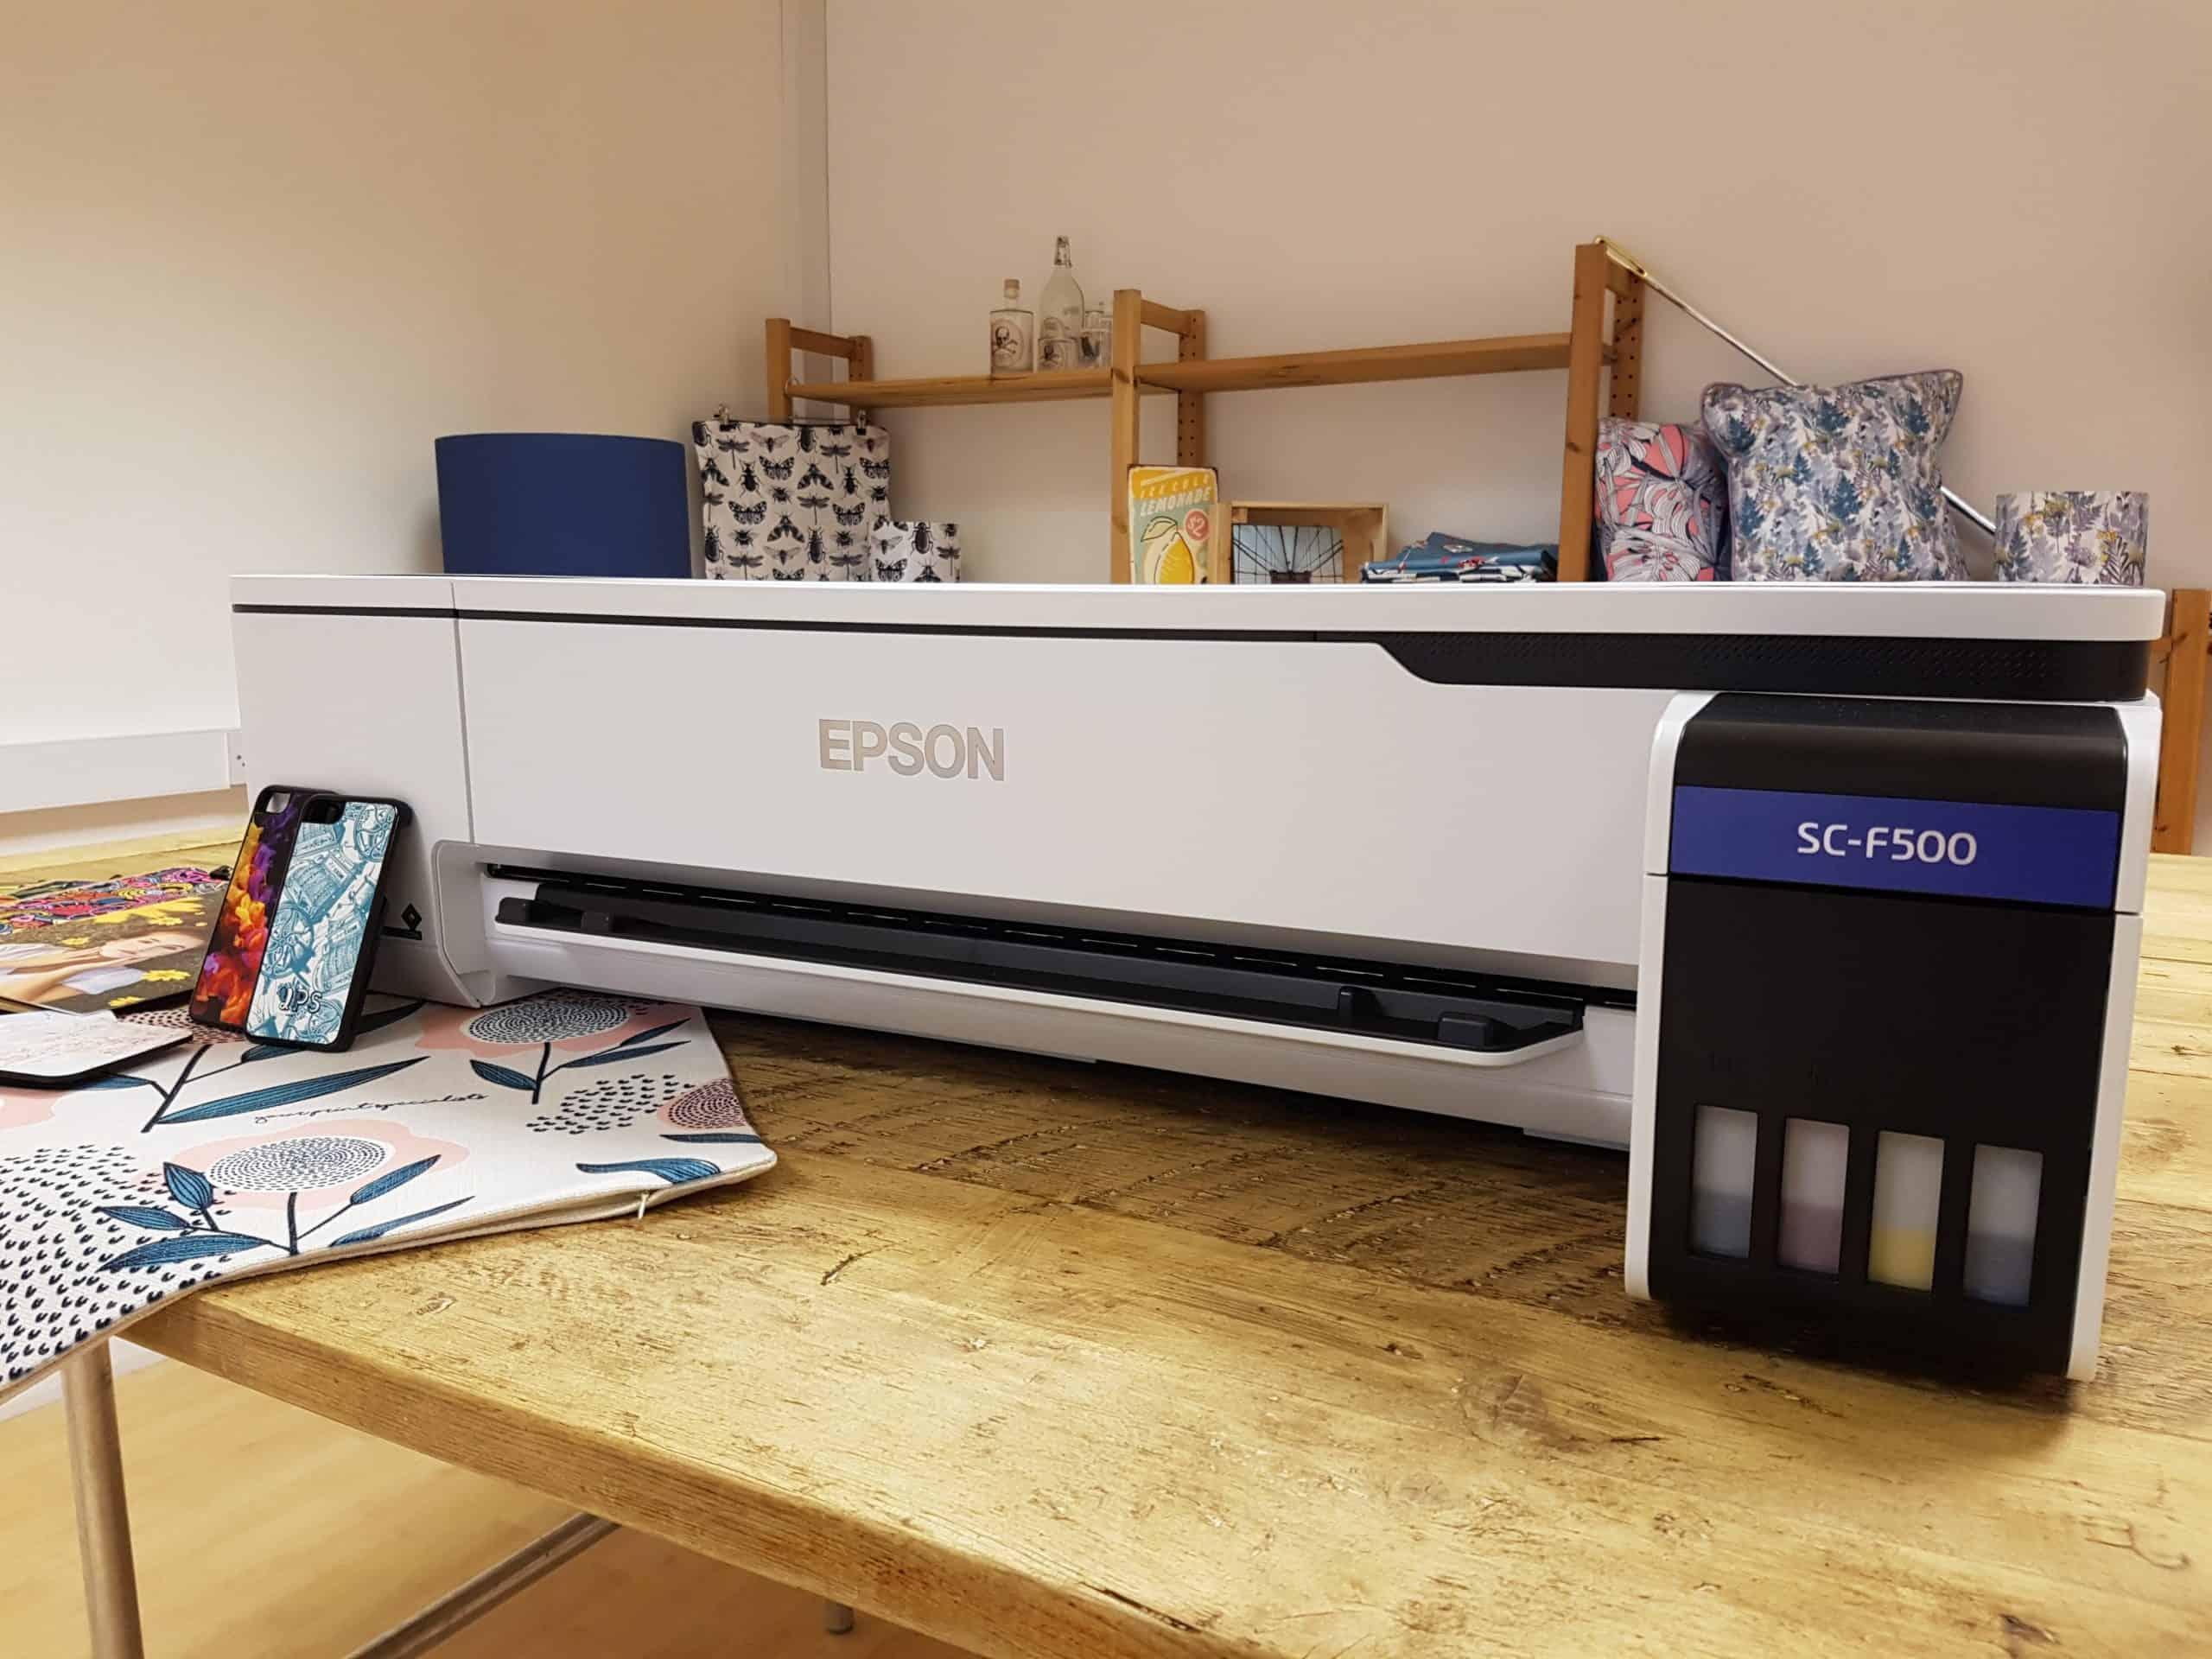 Epson F500 Dye Sub